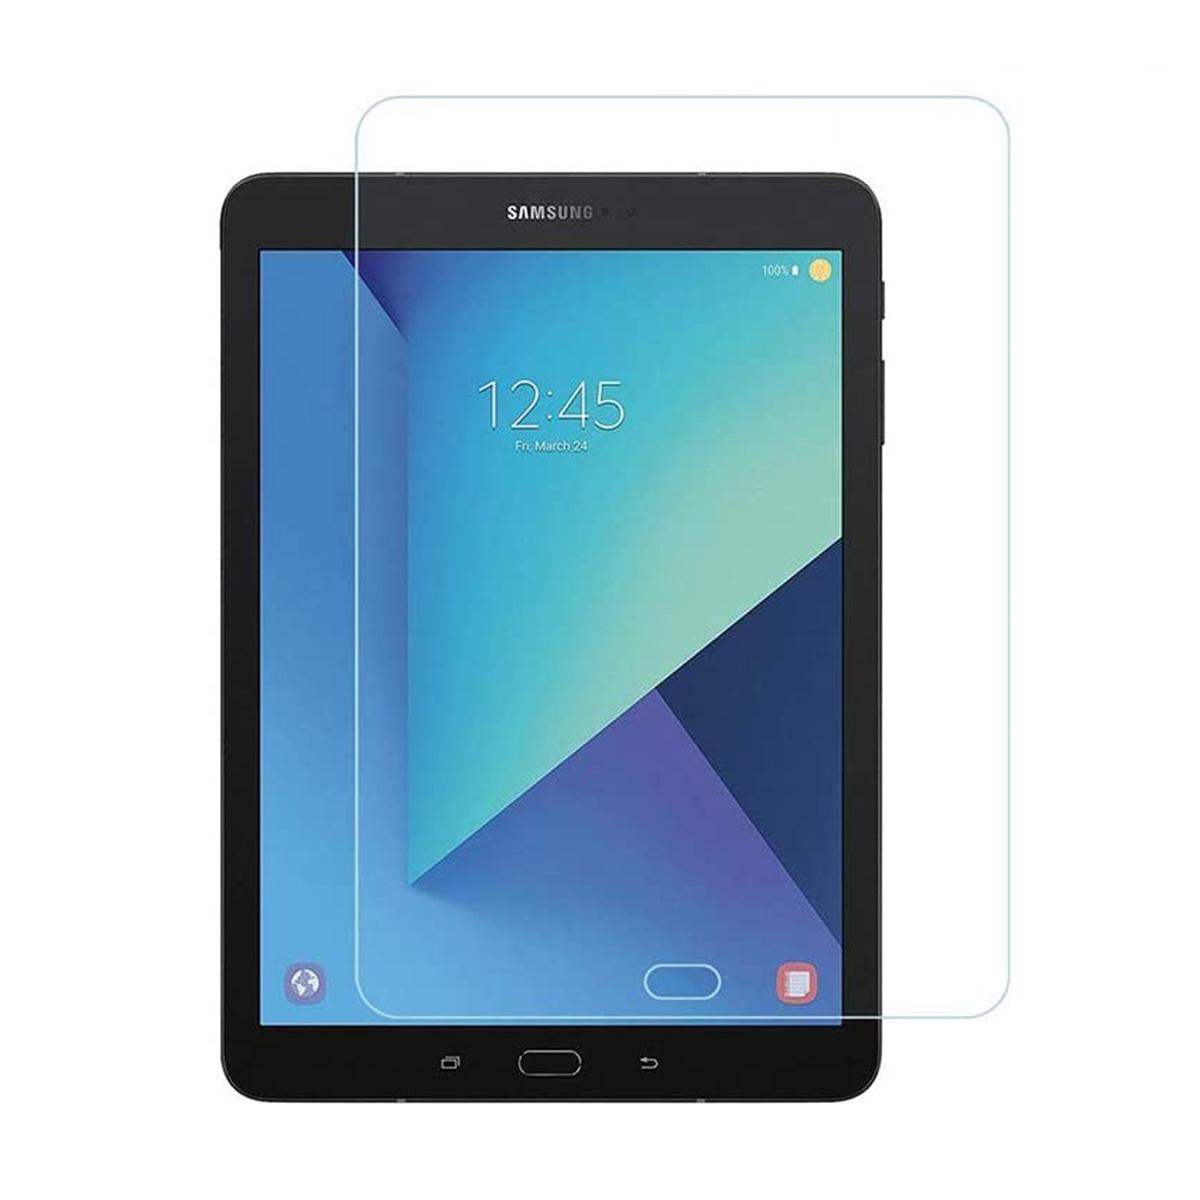 メール便送料無料 Galaxy Tab 新品 S2 9.7インチ SM-T810 販売実績No.1 強化ガラス 9H 液晶保護フィルム 0.4mm R加工なし